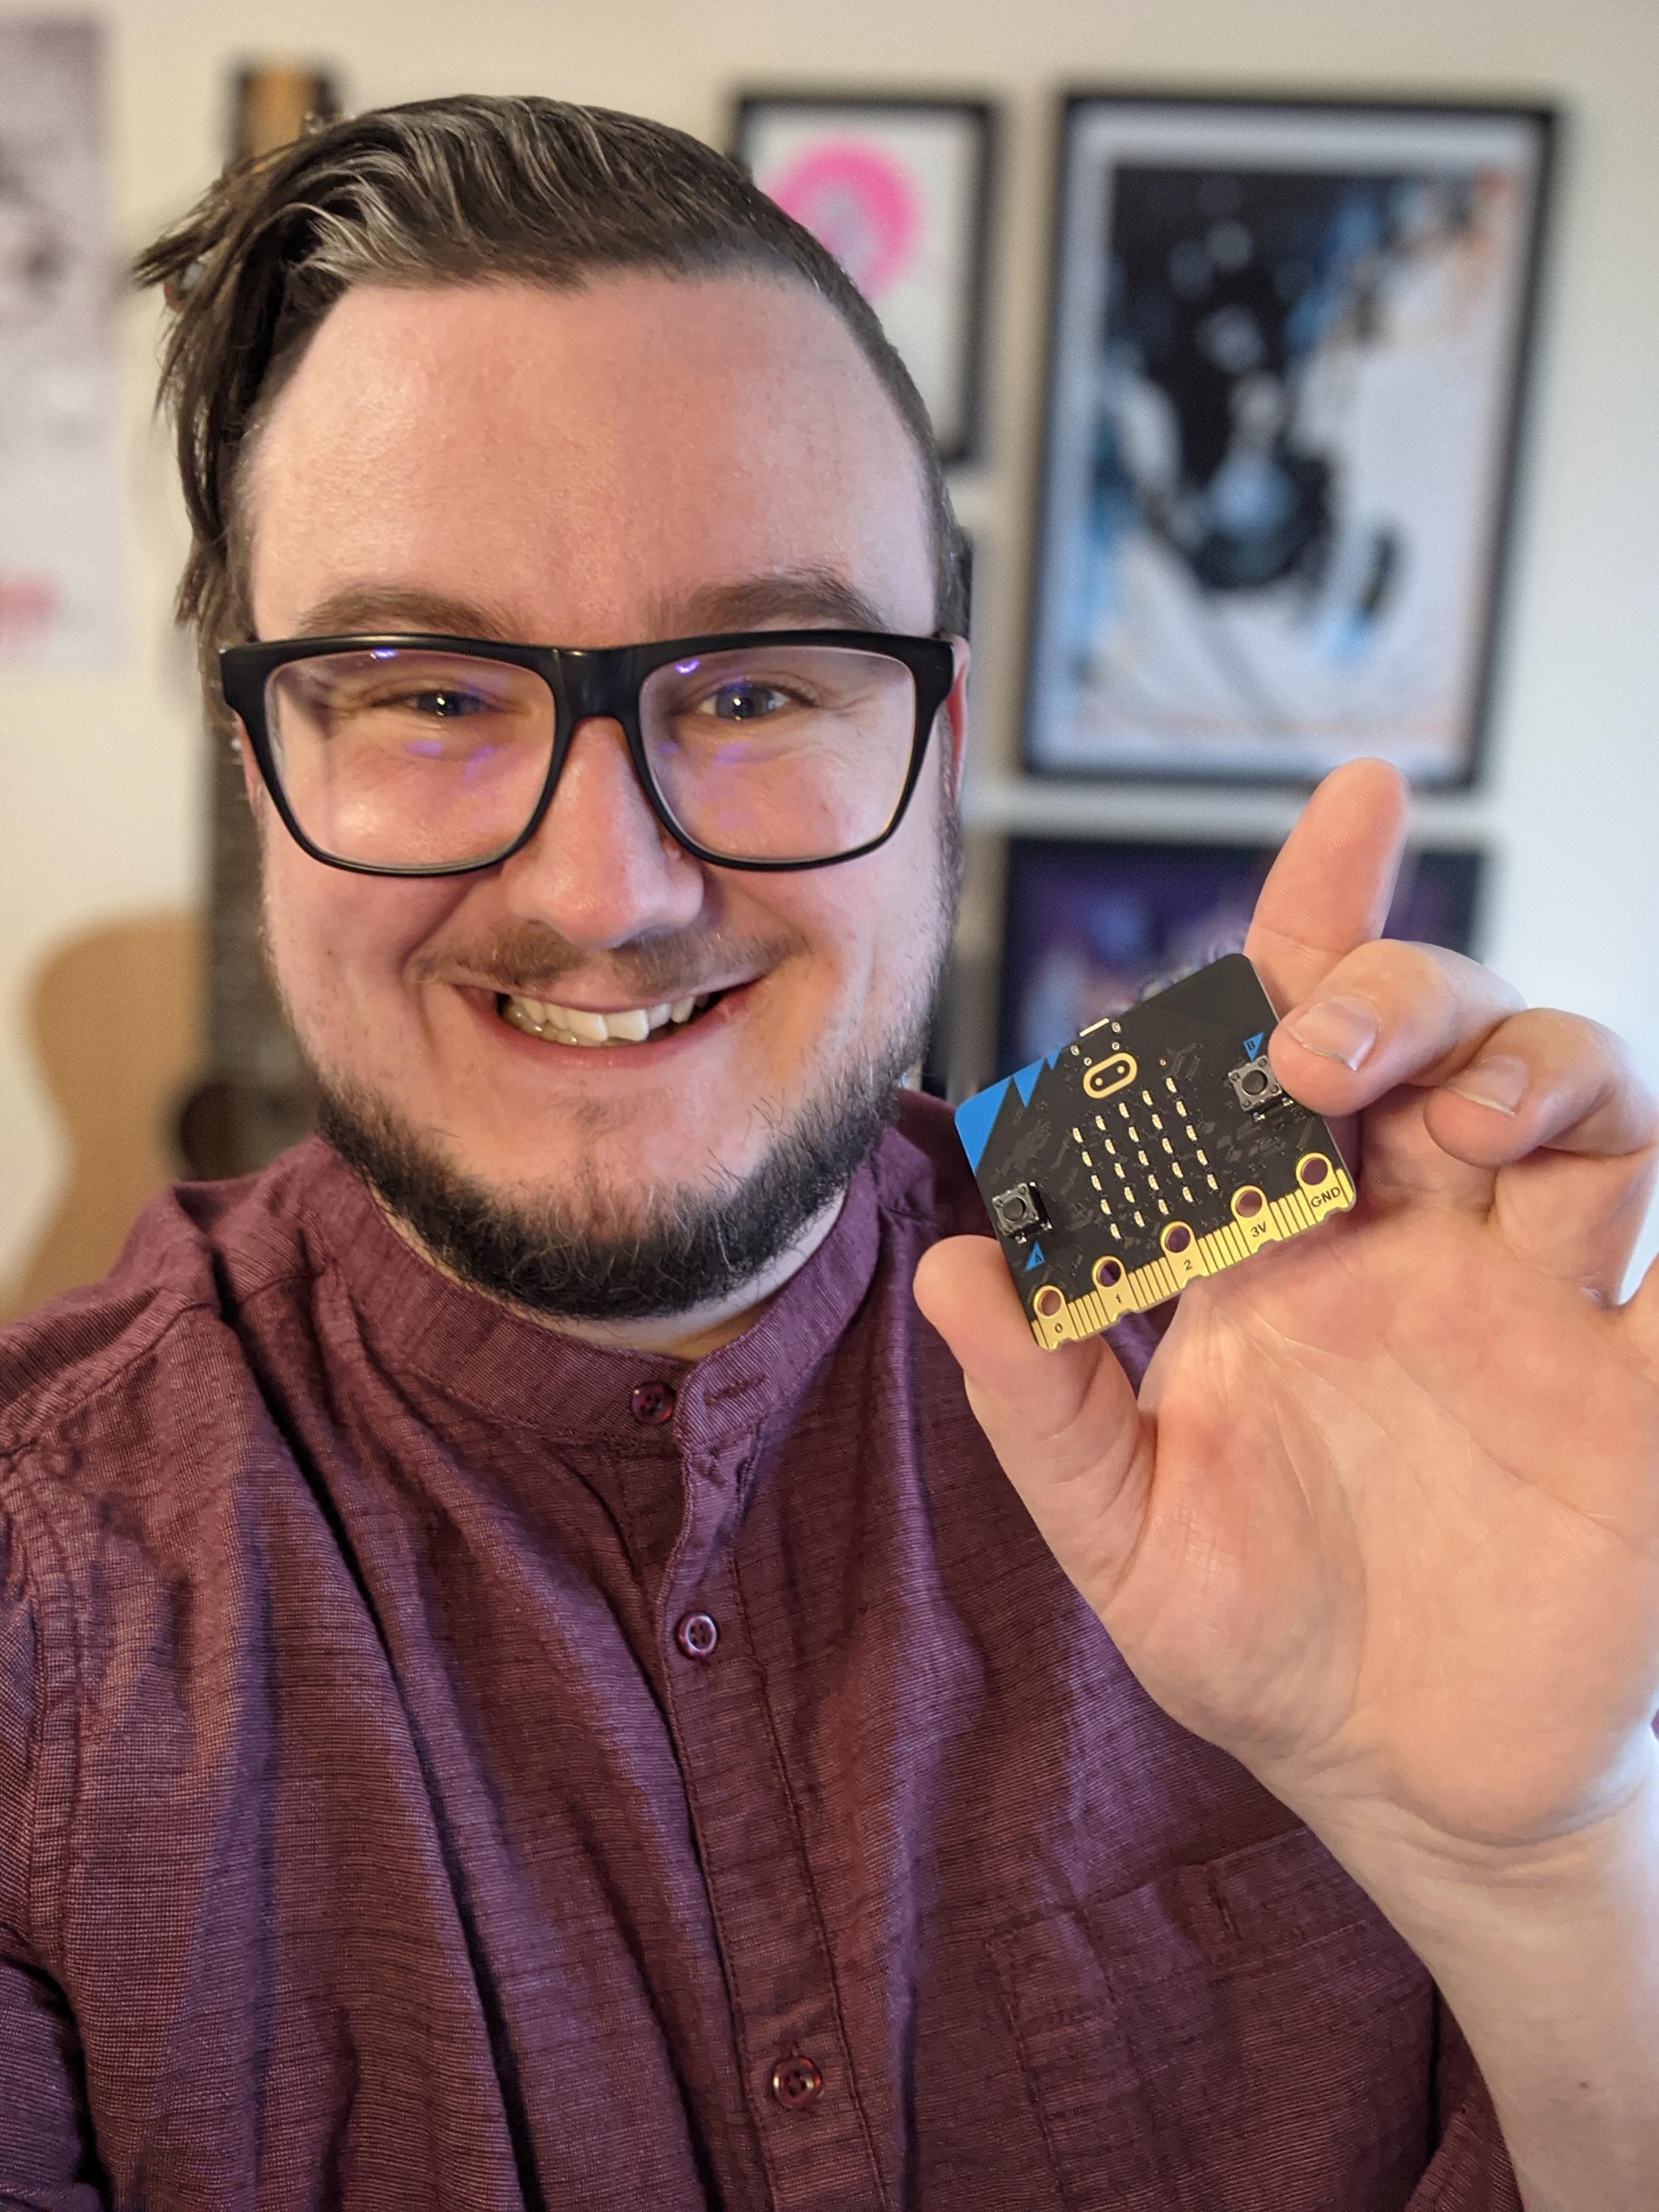 Farnell świętuje wyprodukowanie 5 milionów płytek micro:bit